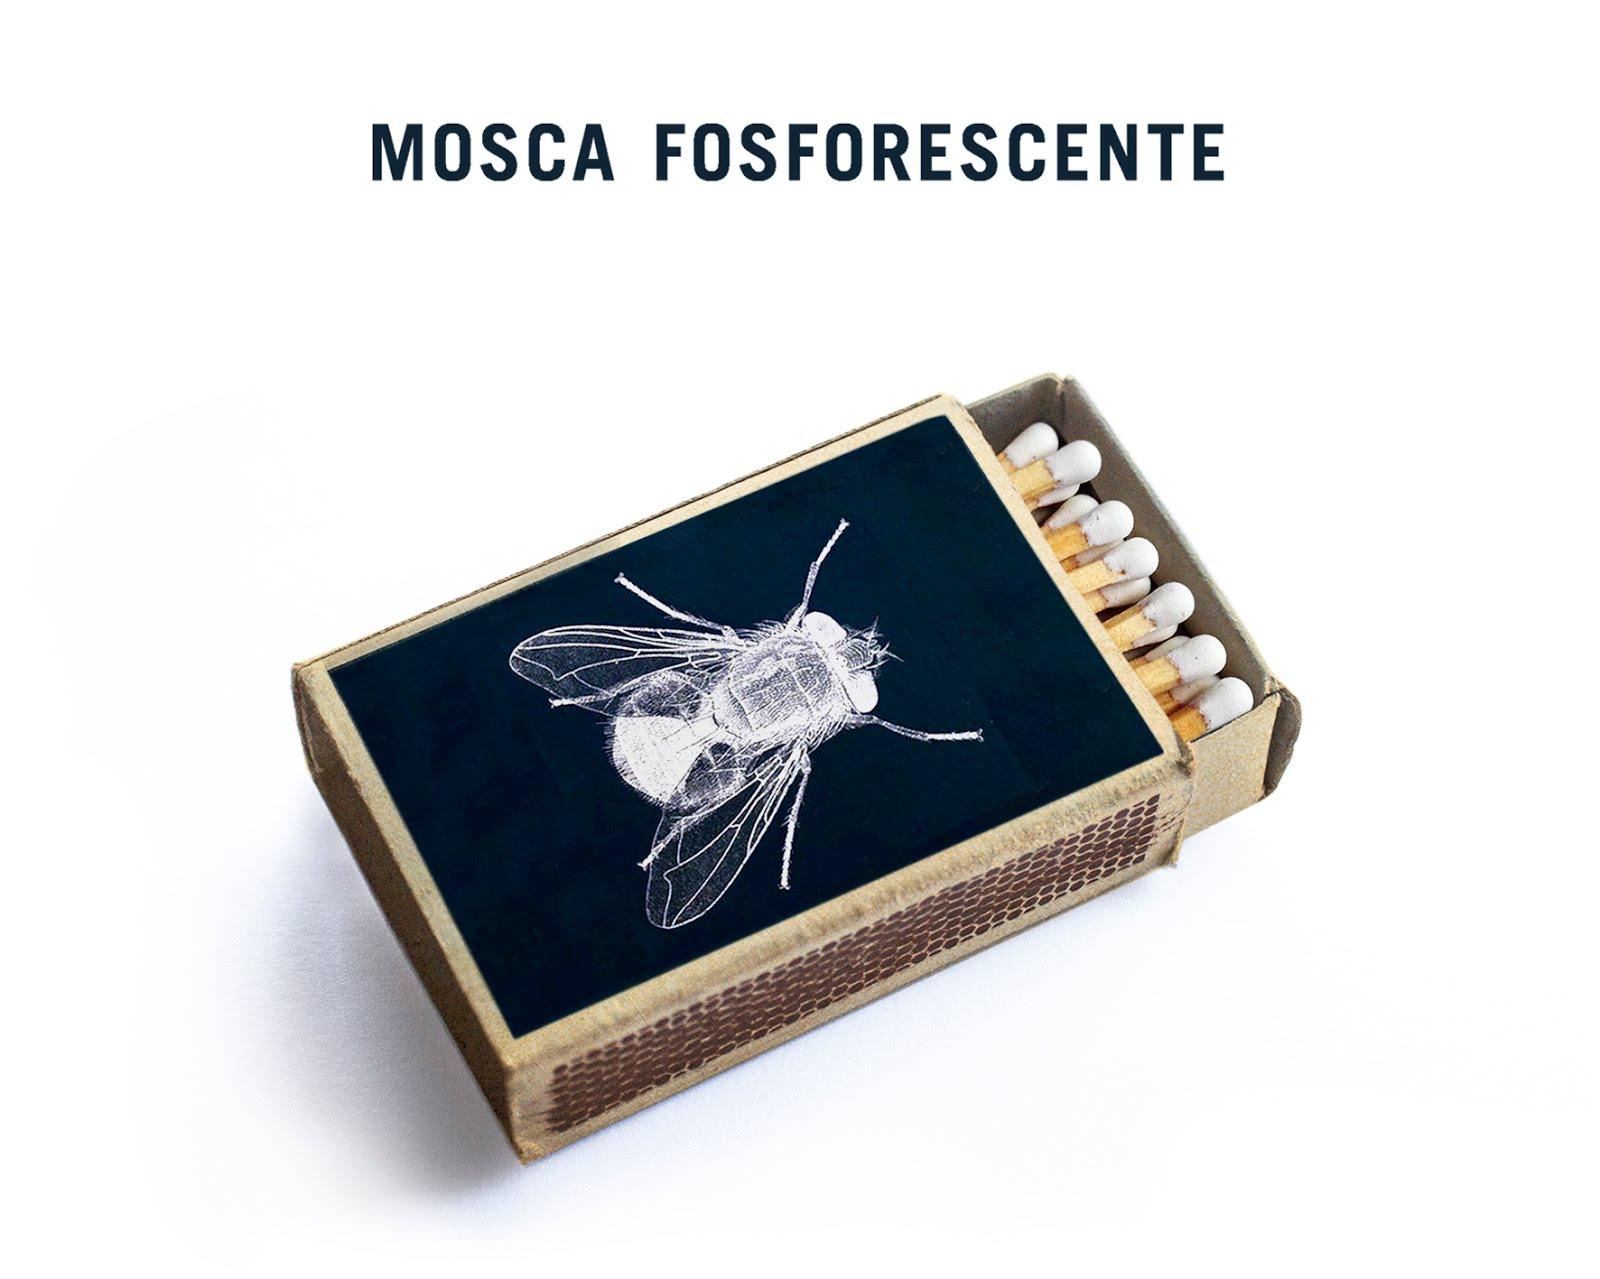 Mosca Fosforescente